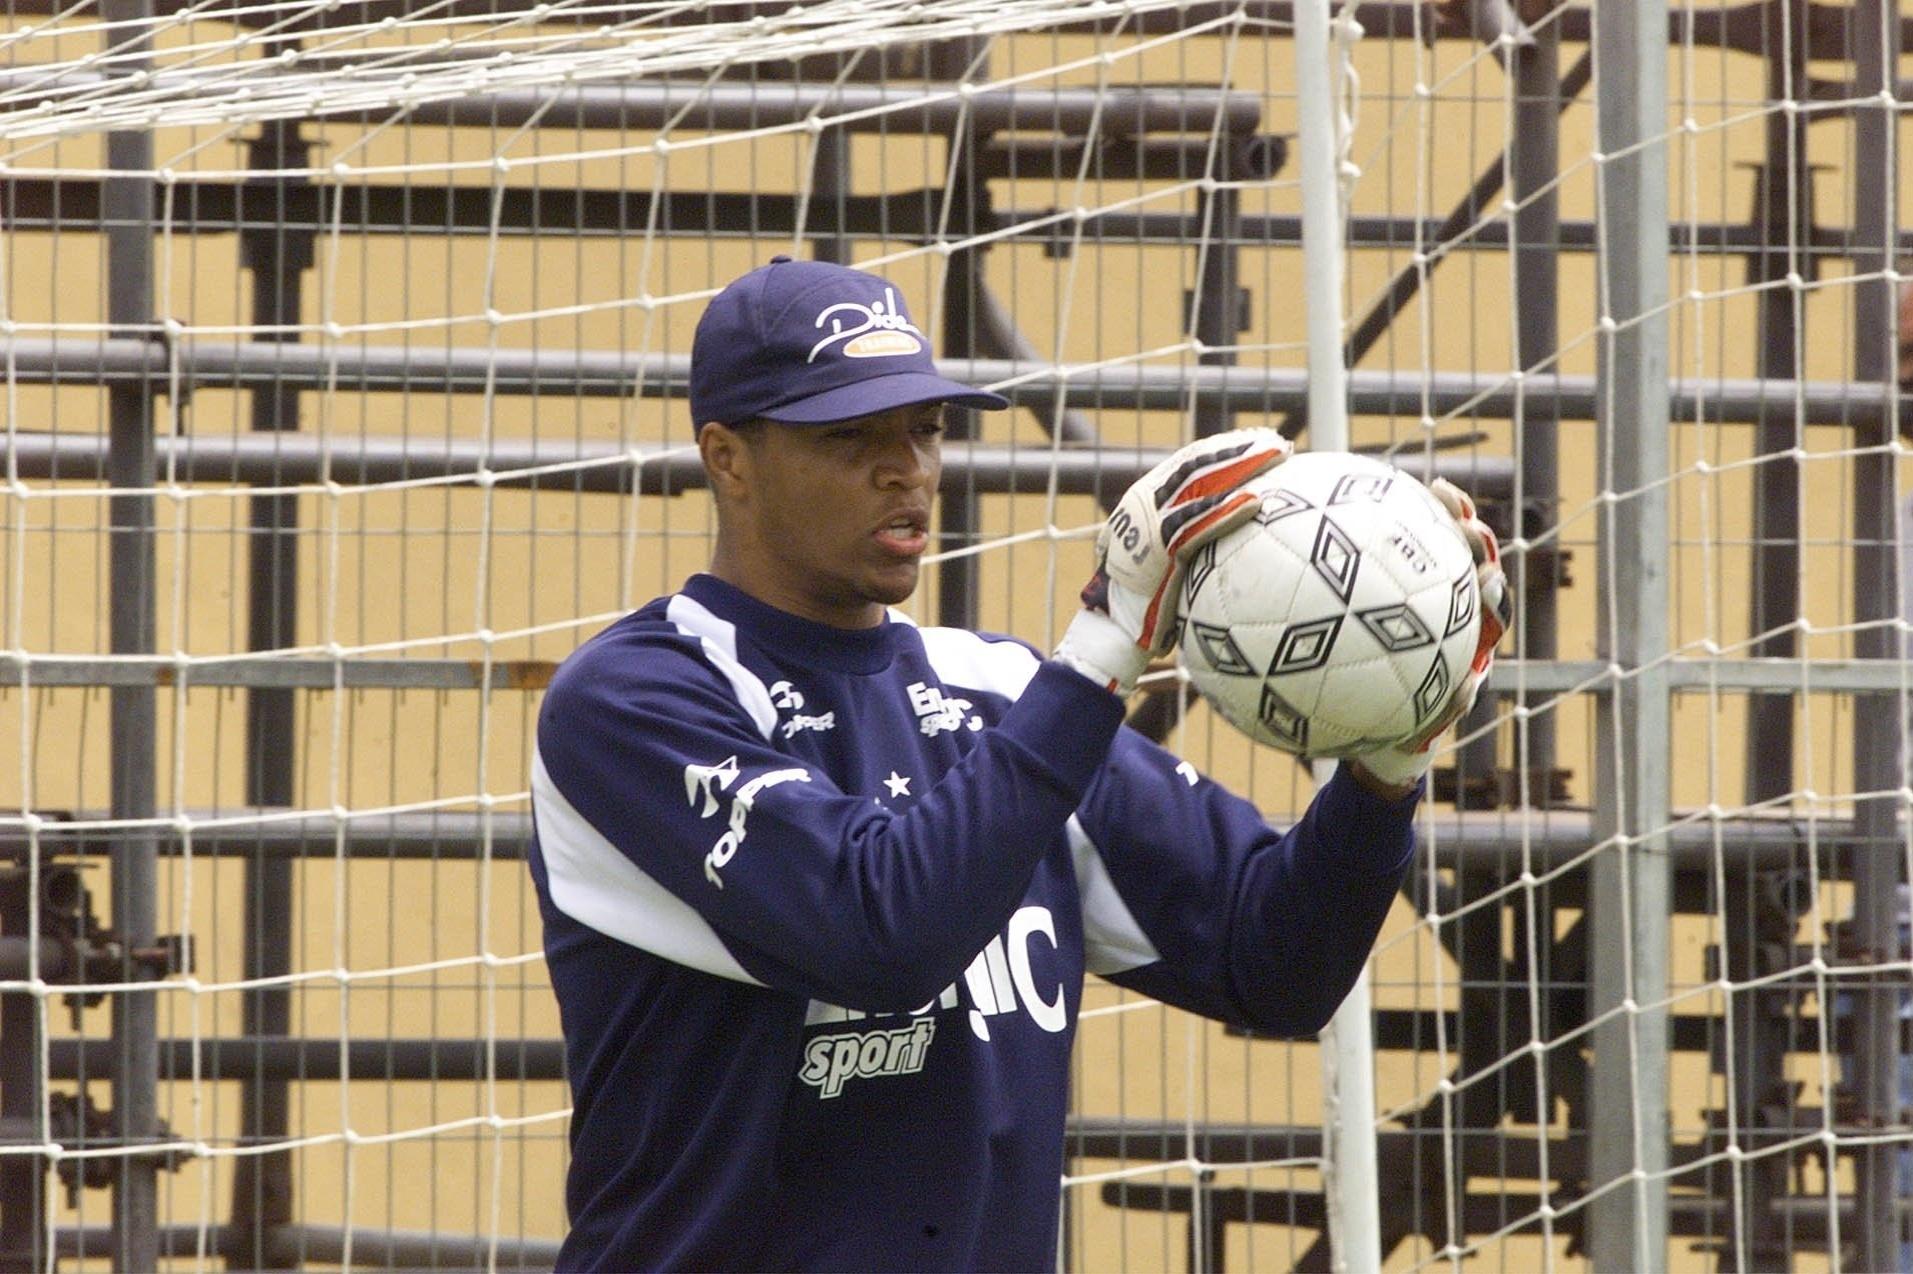 Dida durante sua passagem pelo Cruzeiro